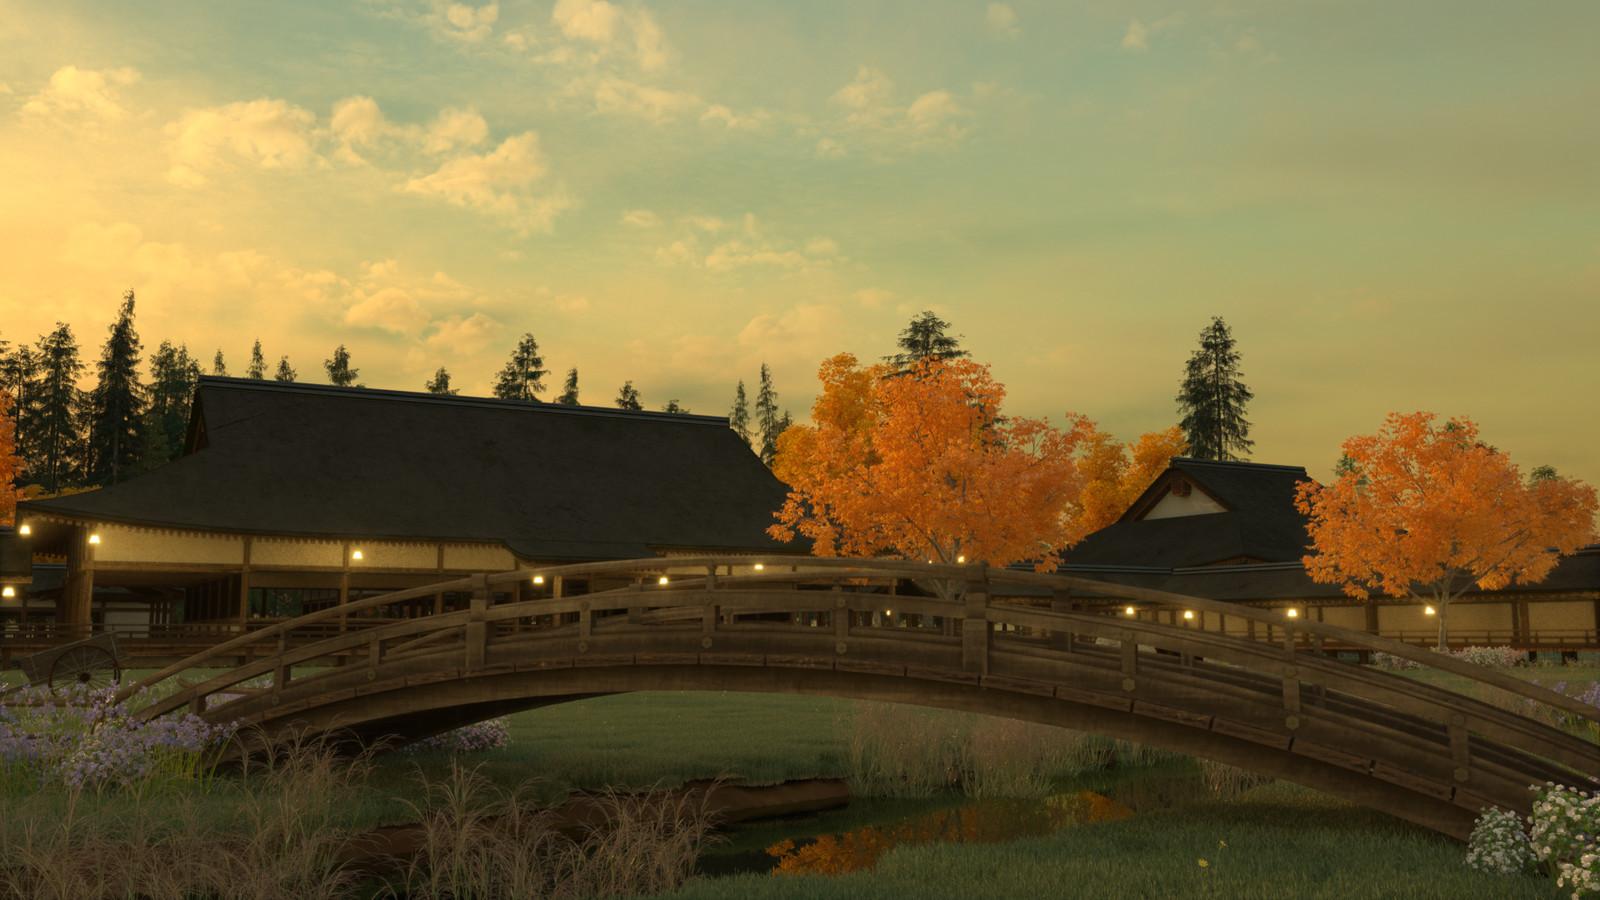 The bridge which crosses the stream